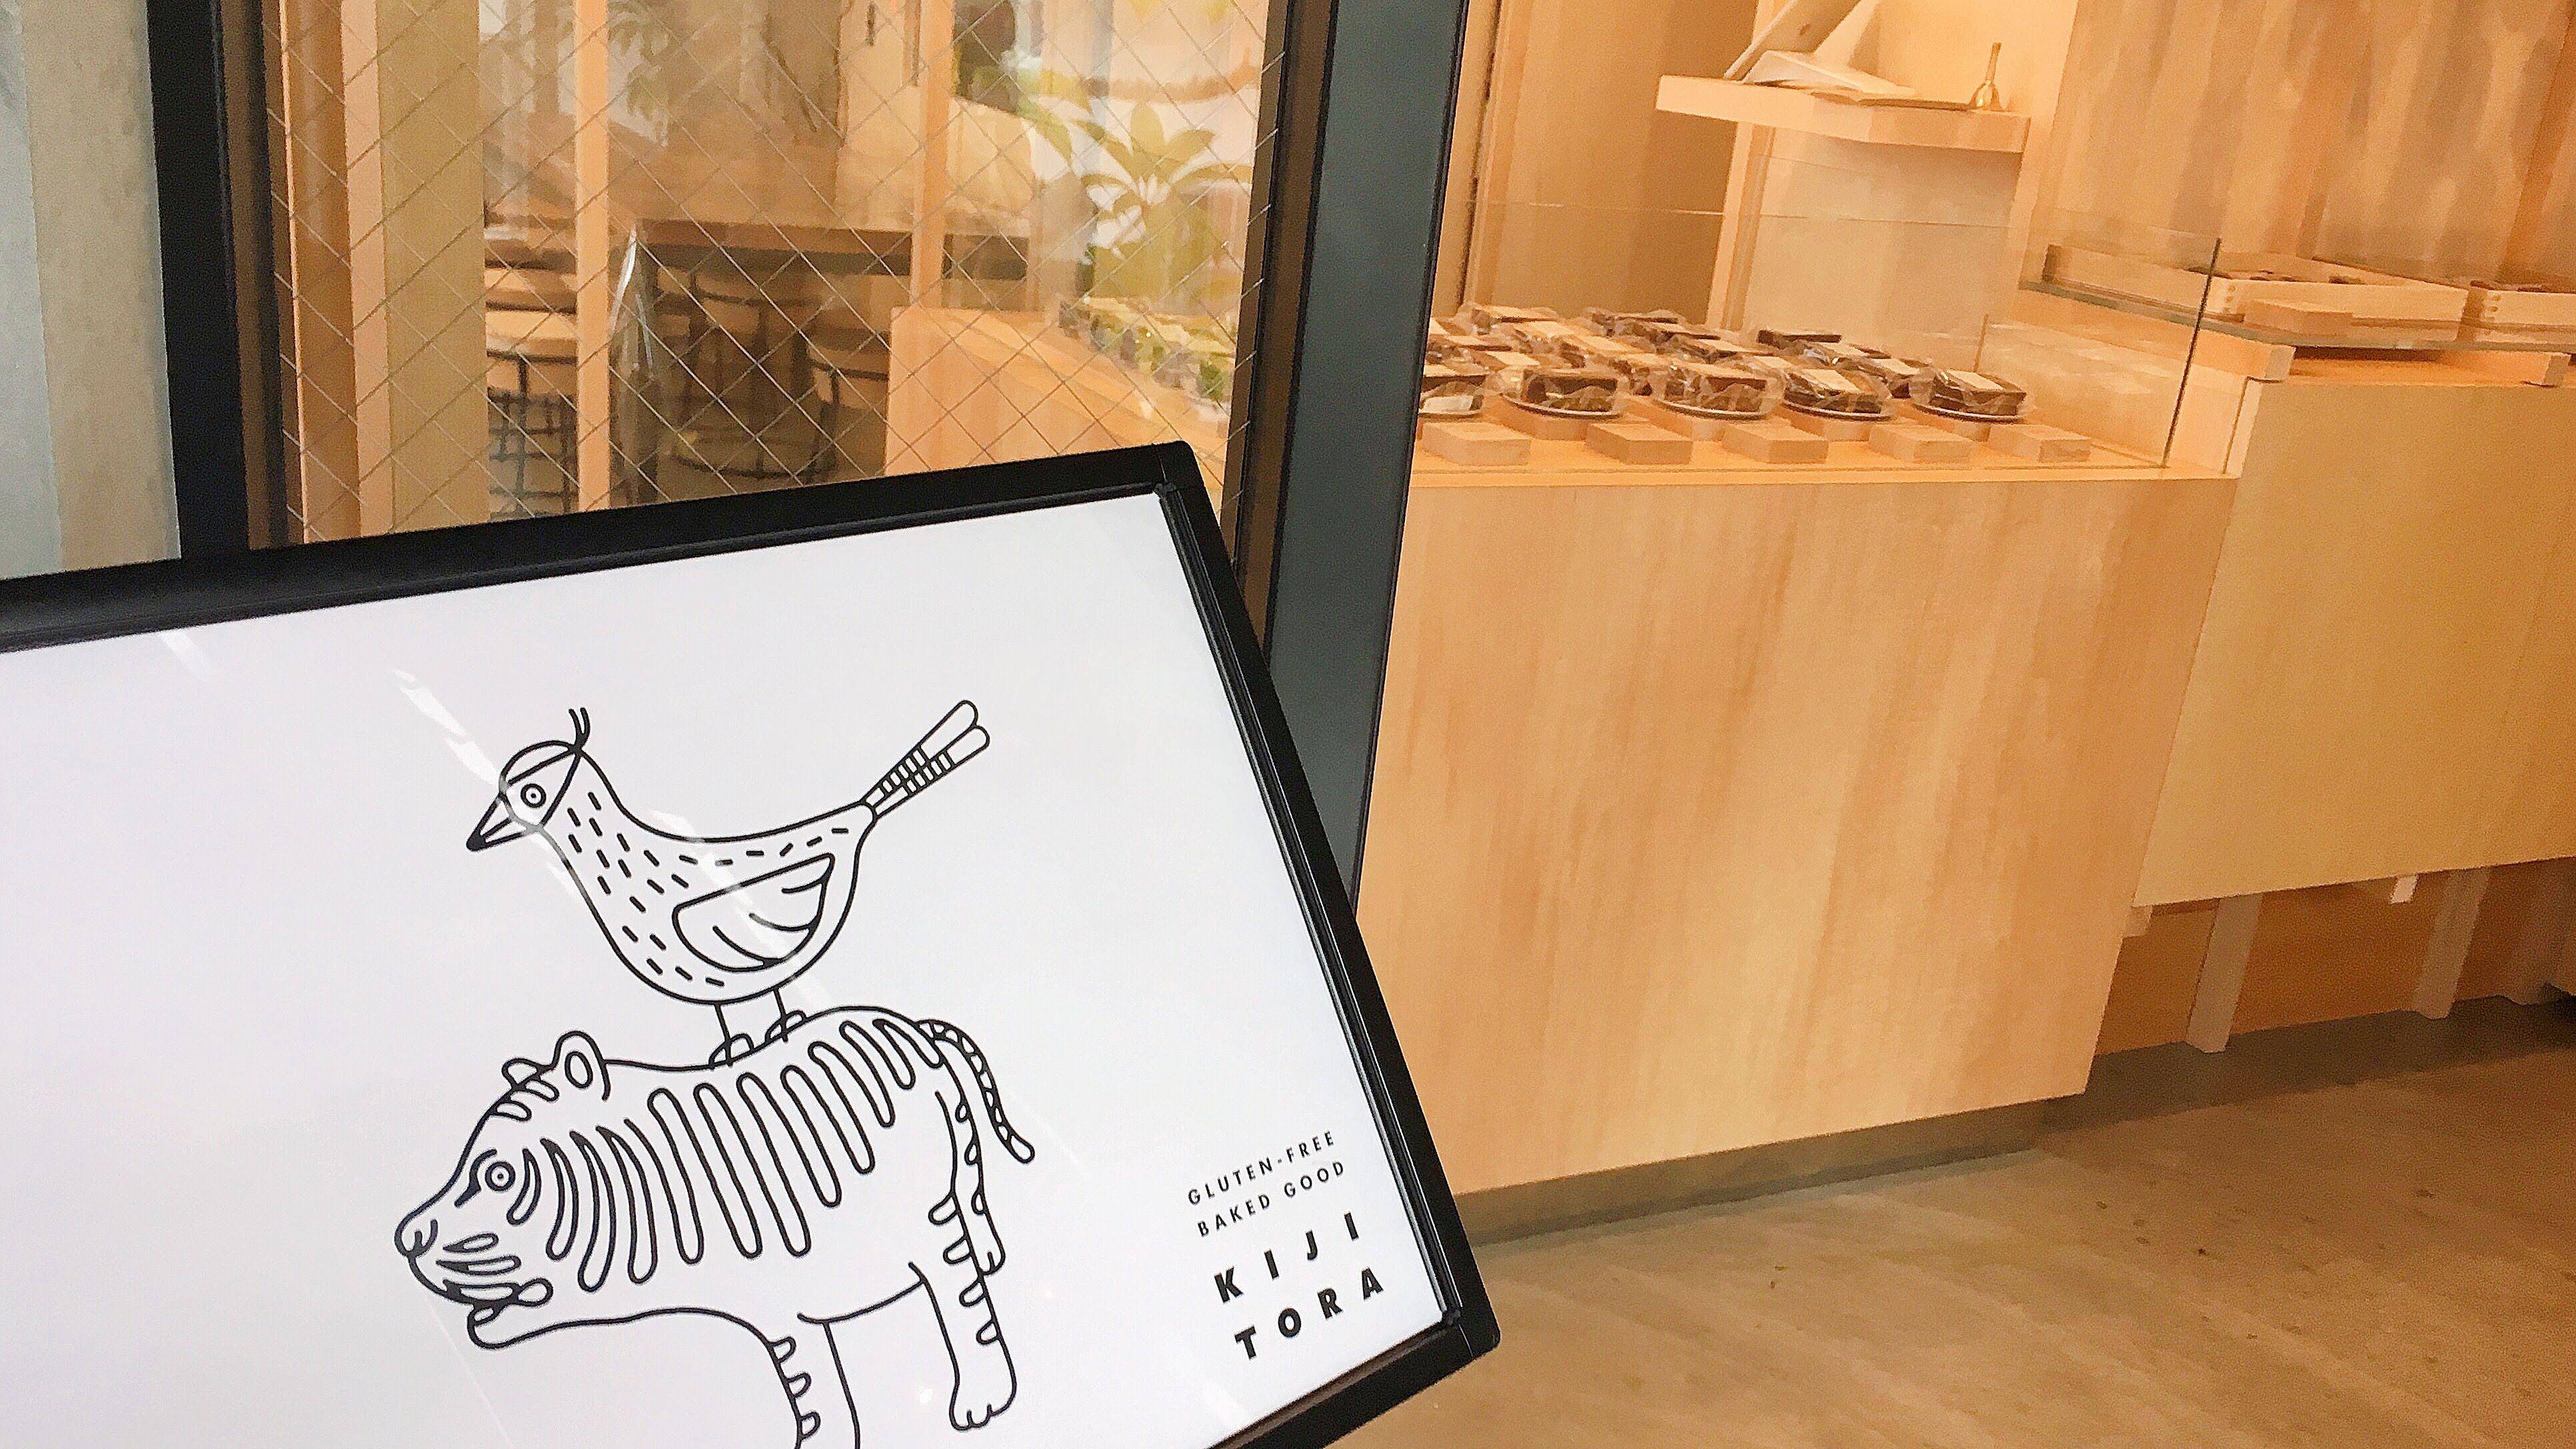 学芸大学にあるグルテンフリー焼き菓子のお店キジトラ(KIJITORA)の店頭